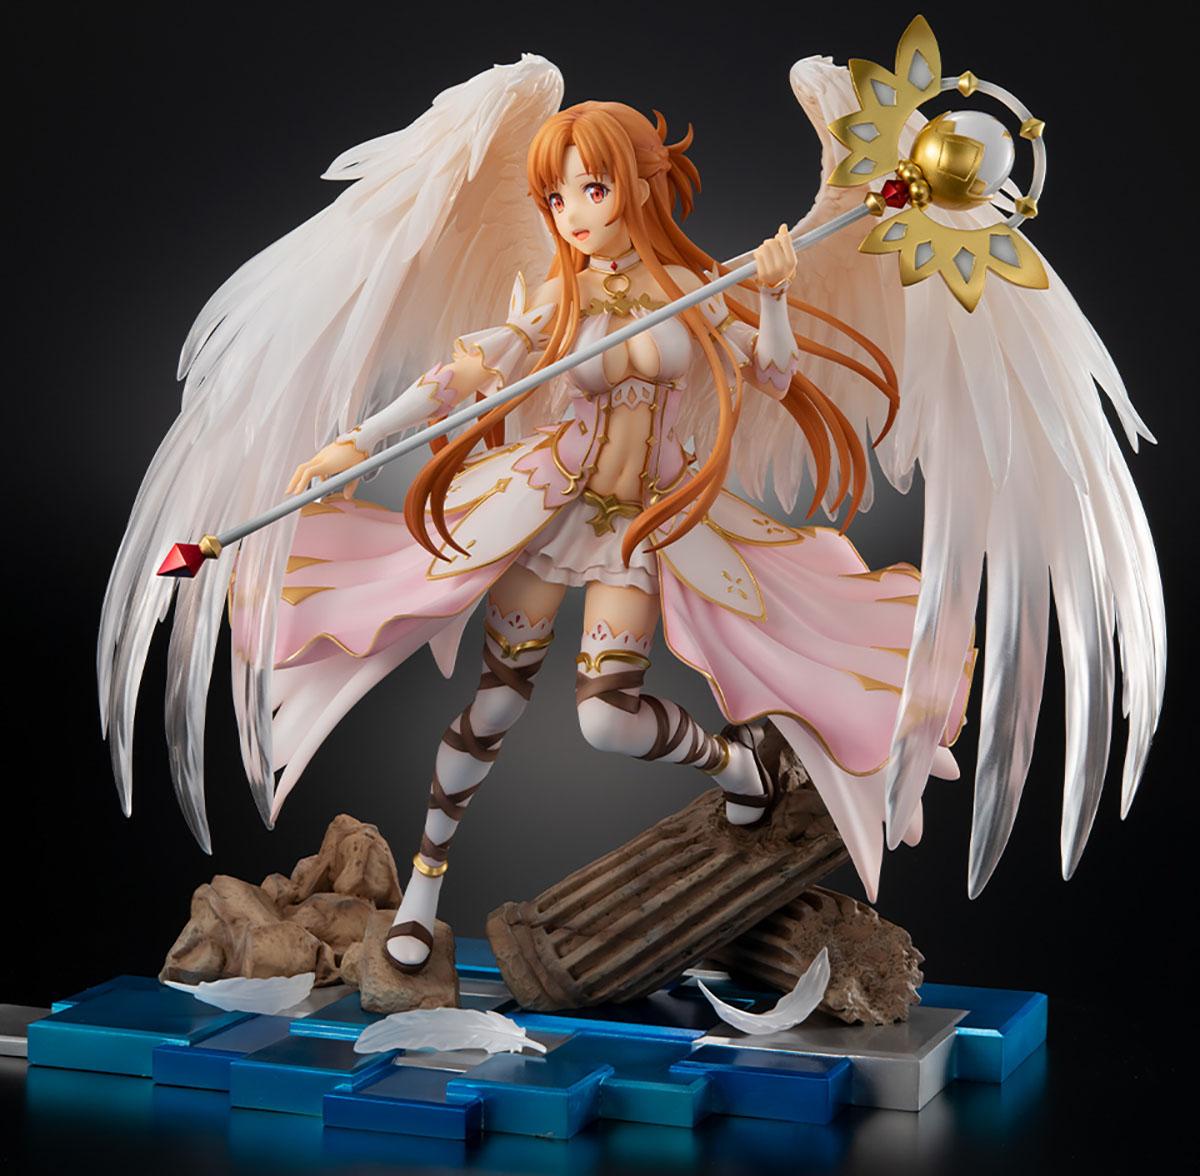 【限定販売】ソードアート・オンライン『アスナ -癒しの天使Ver-』1/7 完成品フィギュア-005